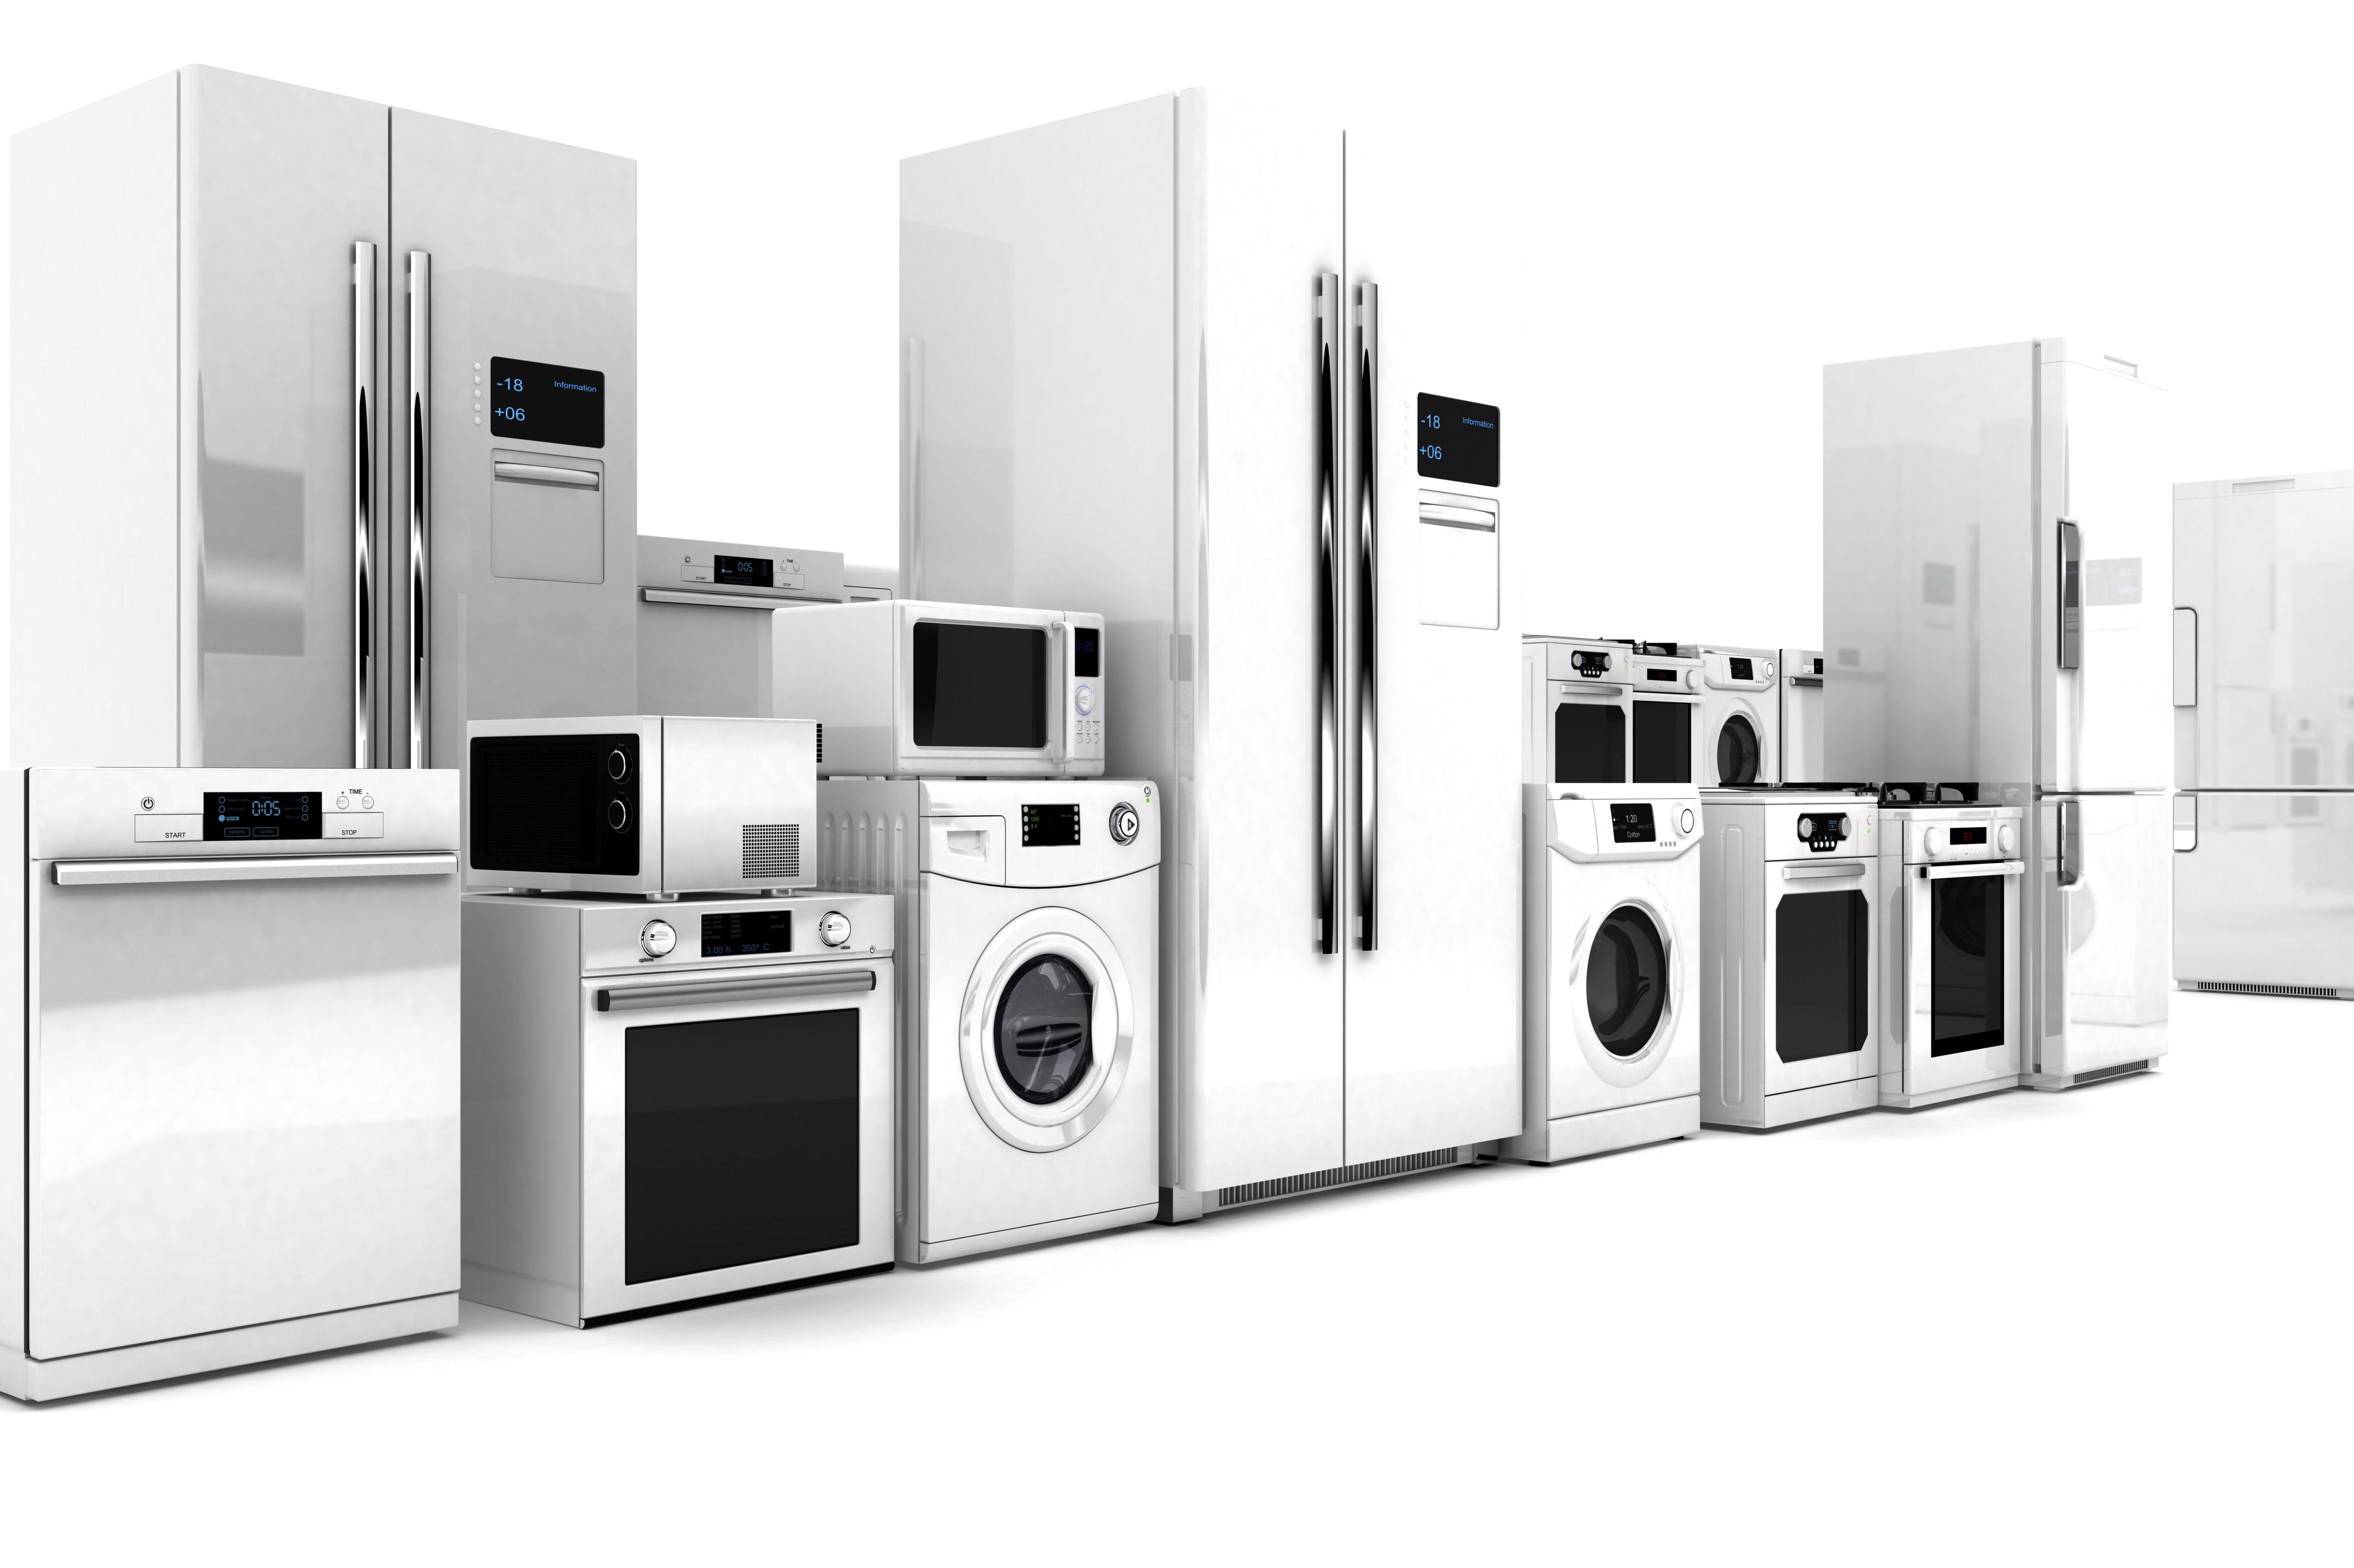 Foto 4 de cocinas a medida en apluscocinas for Cocinas completas con electrodomesticos